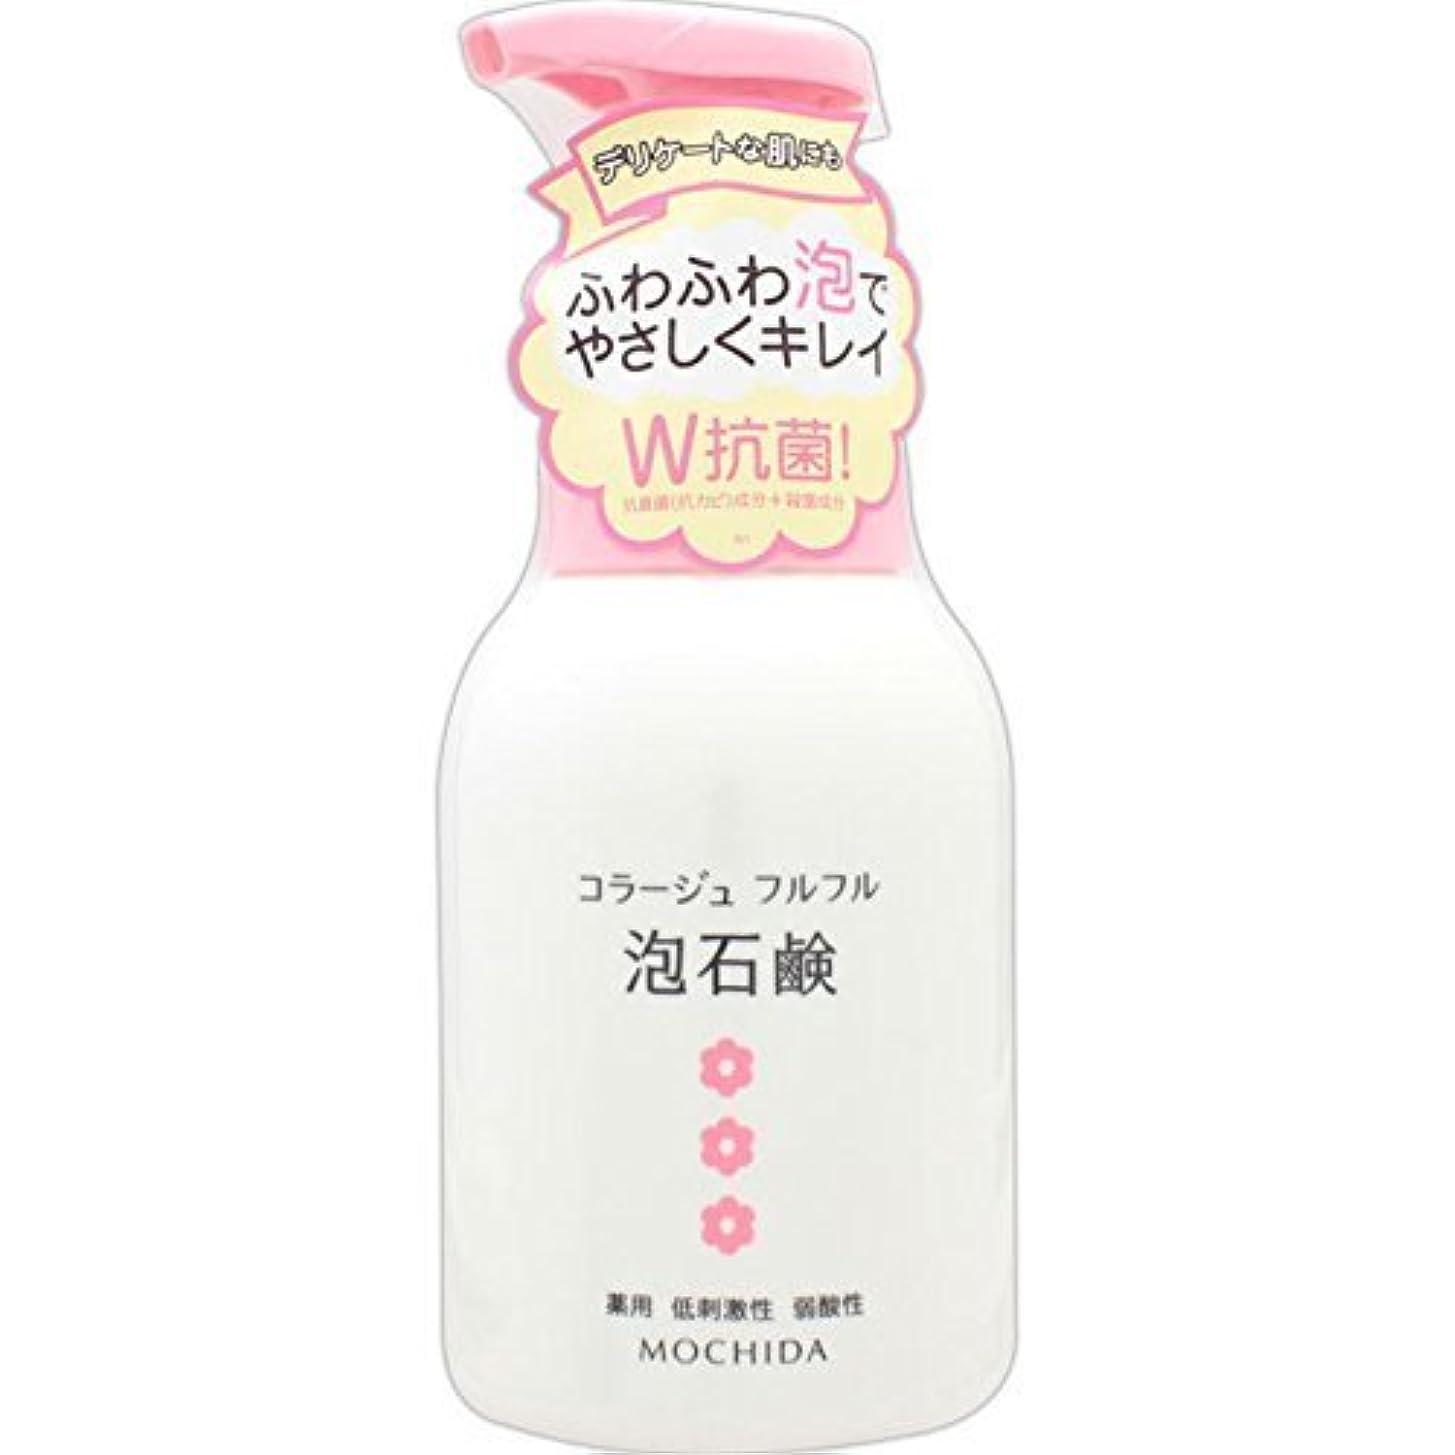 スイッチレトルト無条件コラージュフルフル 泡石鹸 ピンク 300m L (医薬部外品) ×9